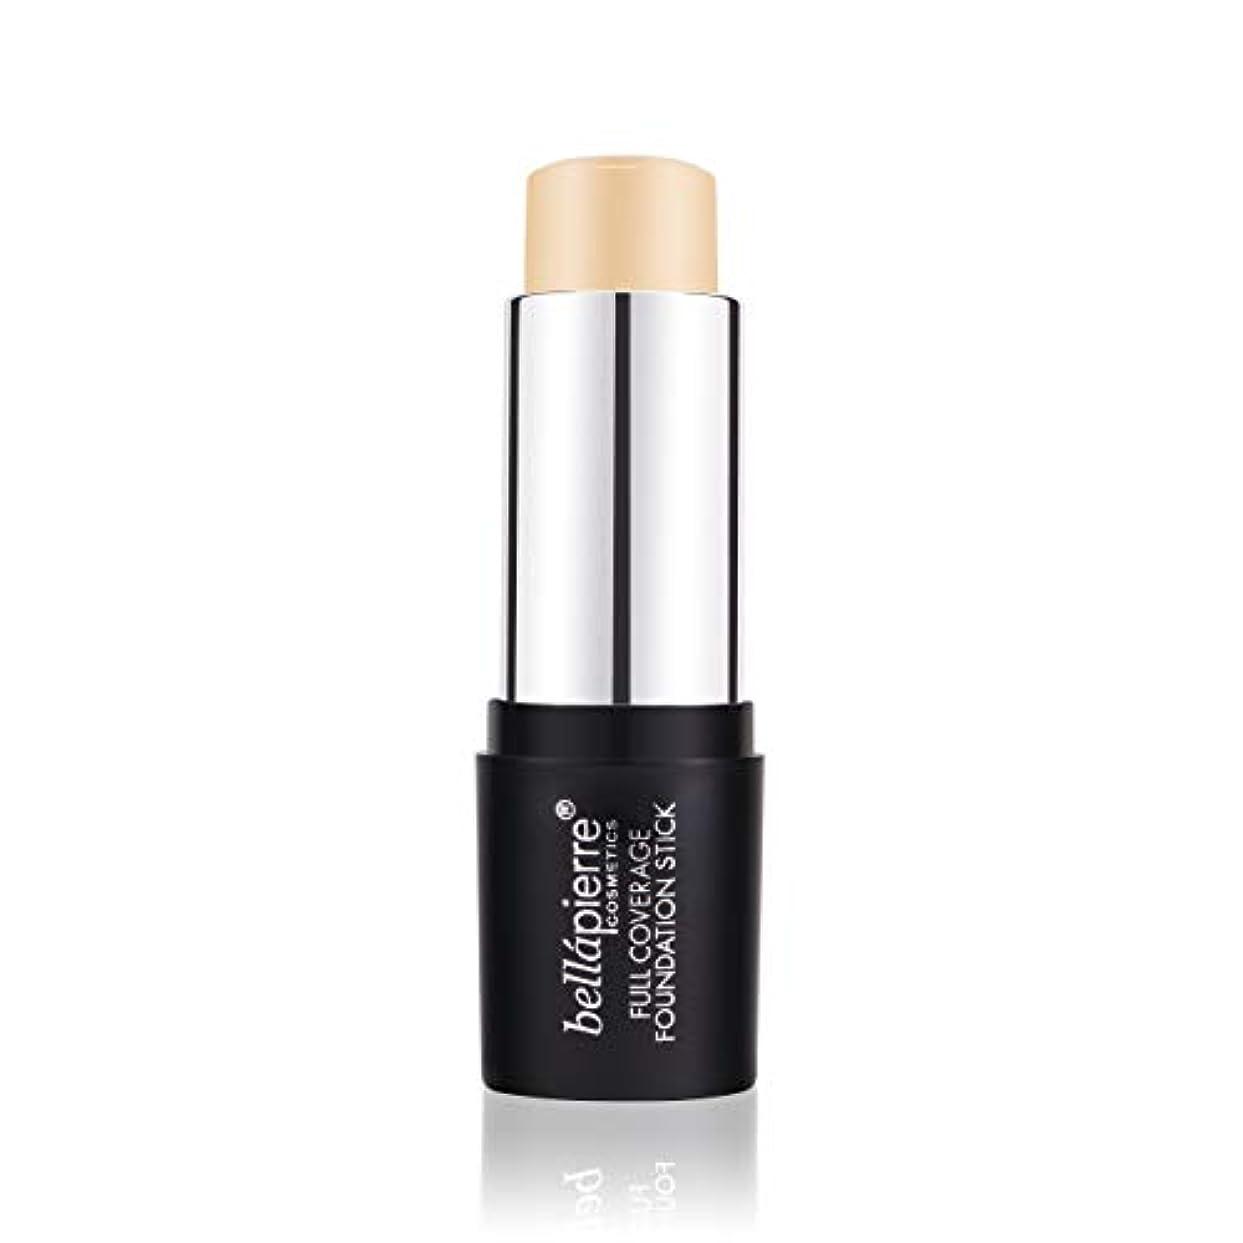 孤独な与える予報Bellapierre Cosmetics Full Coverage Foundation Stick - # Light 10g/0.35oz並行輸入品